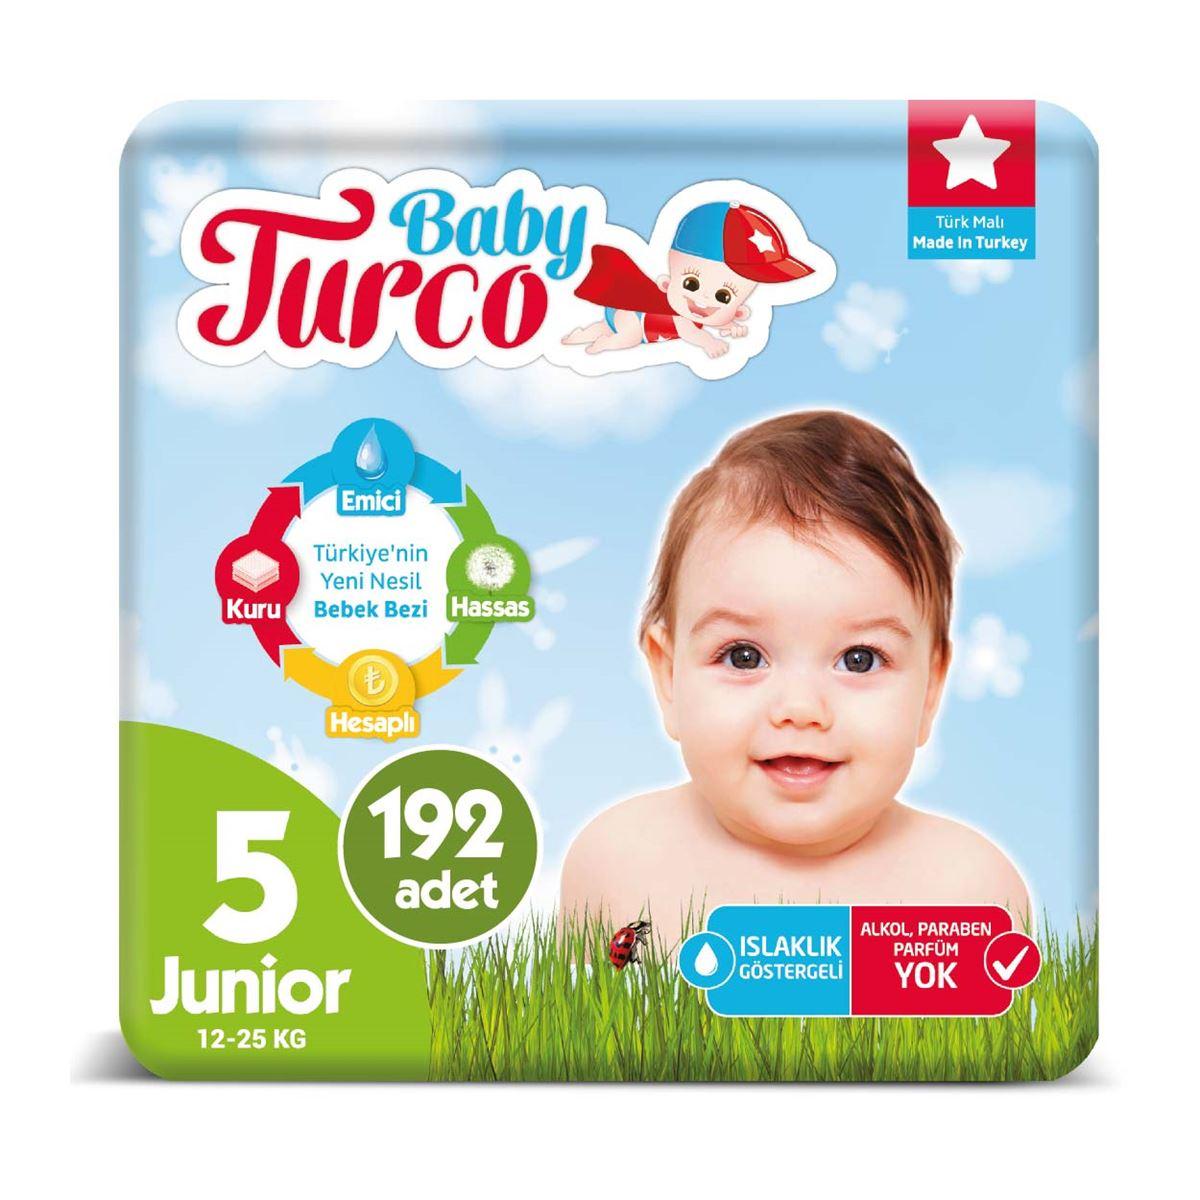 Baby Turco Bebek Bezi 5 Numara Junior 192 Adet